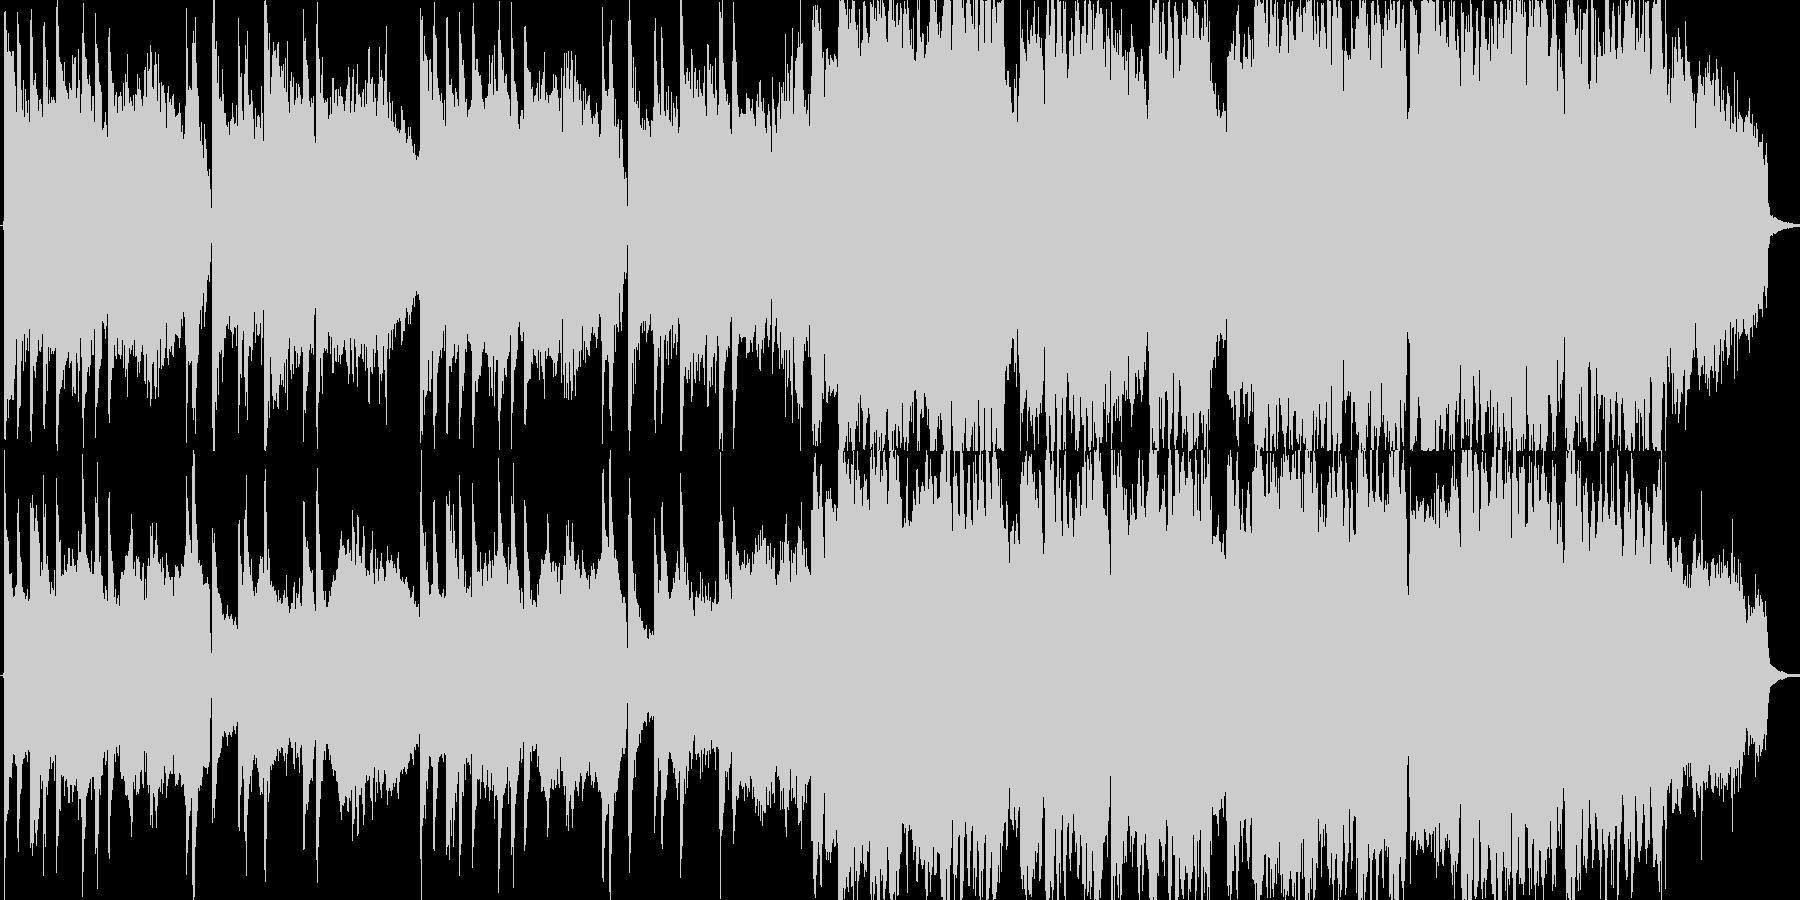 スローでやや切ない雰囲気のある和風BGMの未再生の波形